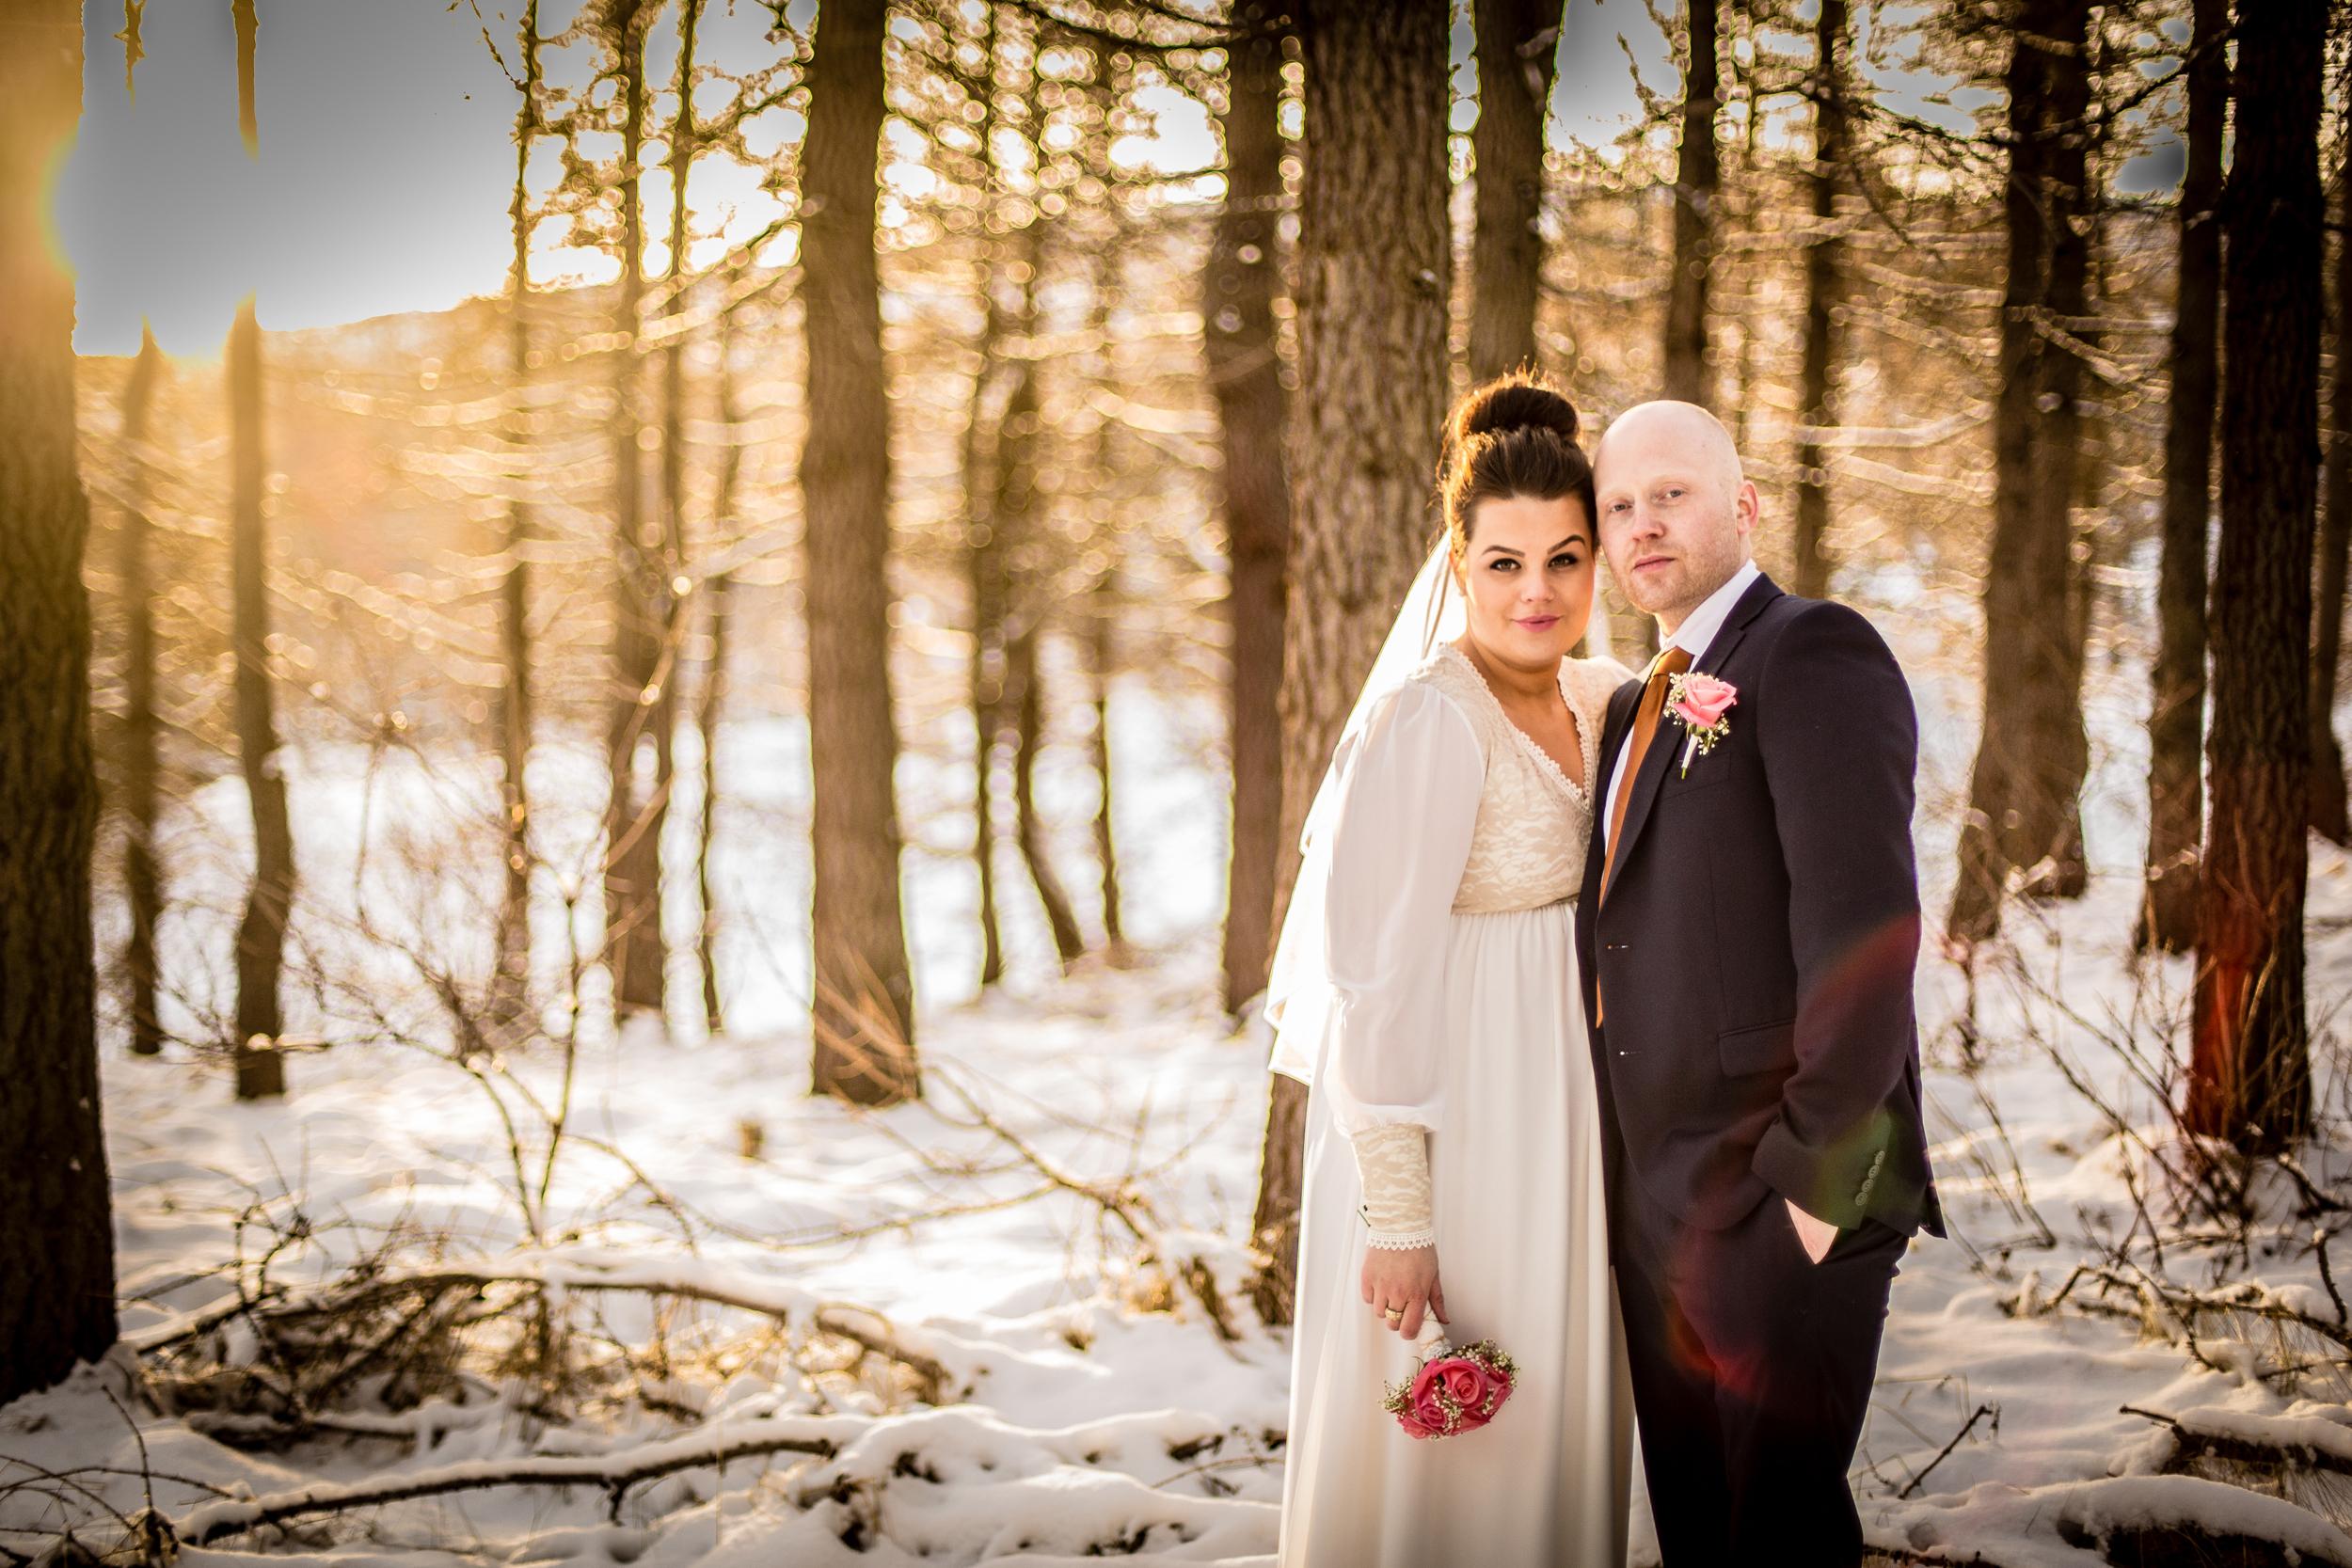 Brudkaup01-122.jpg